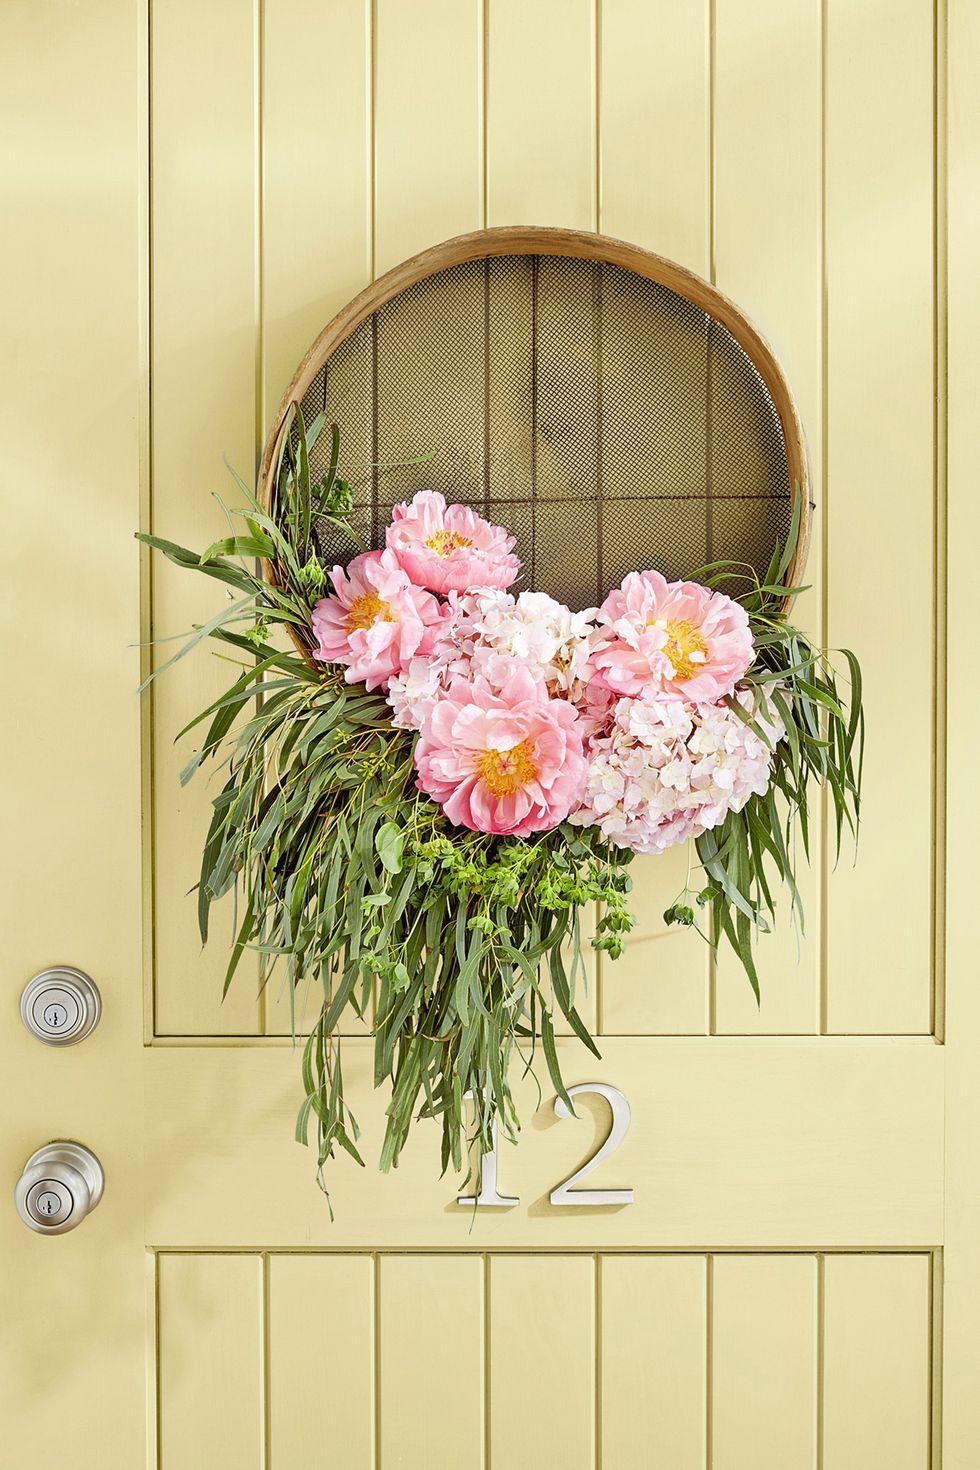 9 cách tận dụng đồ cũ làm hoa treo vừa xinh đẹp vừa tiết kiệm để trang trí trước cửa nhà   - Ảnh 2.